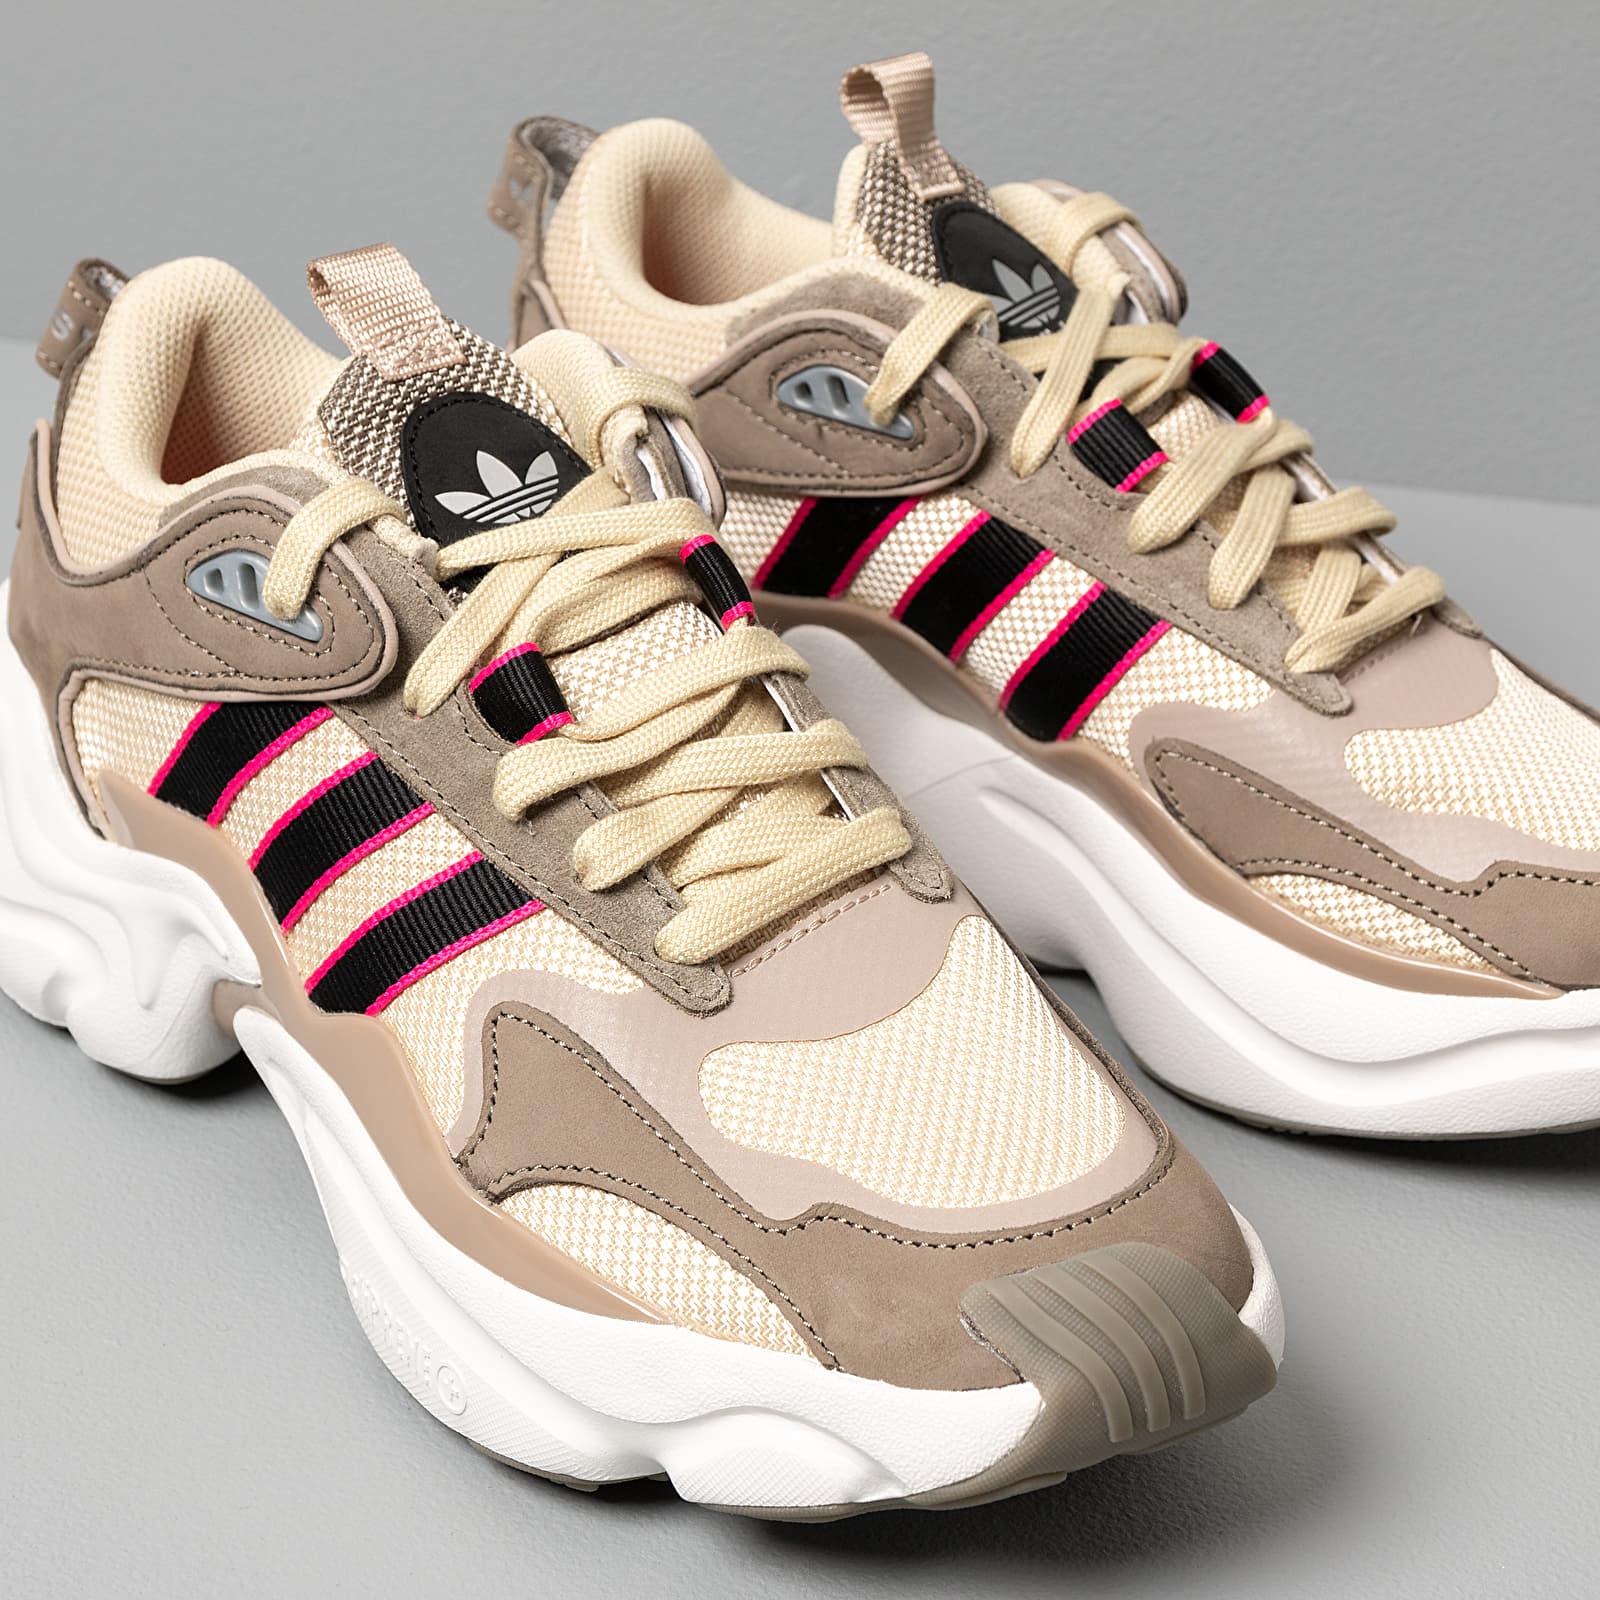 Adidas RUNNER W Runner Low Top Turnschuhe beige